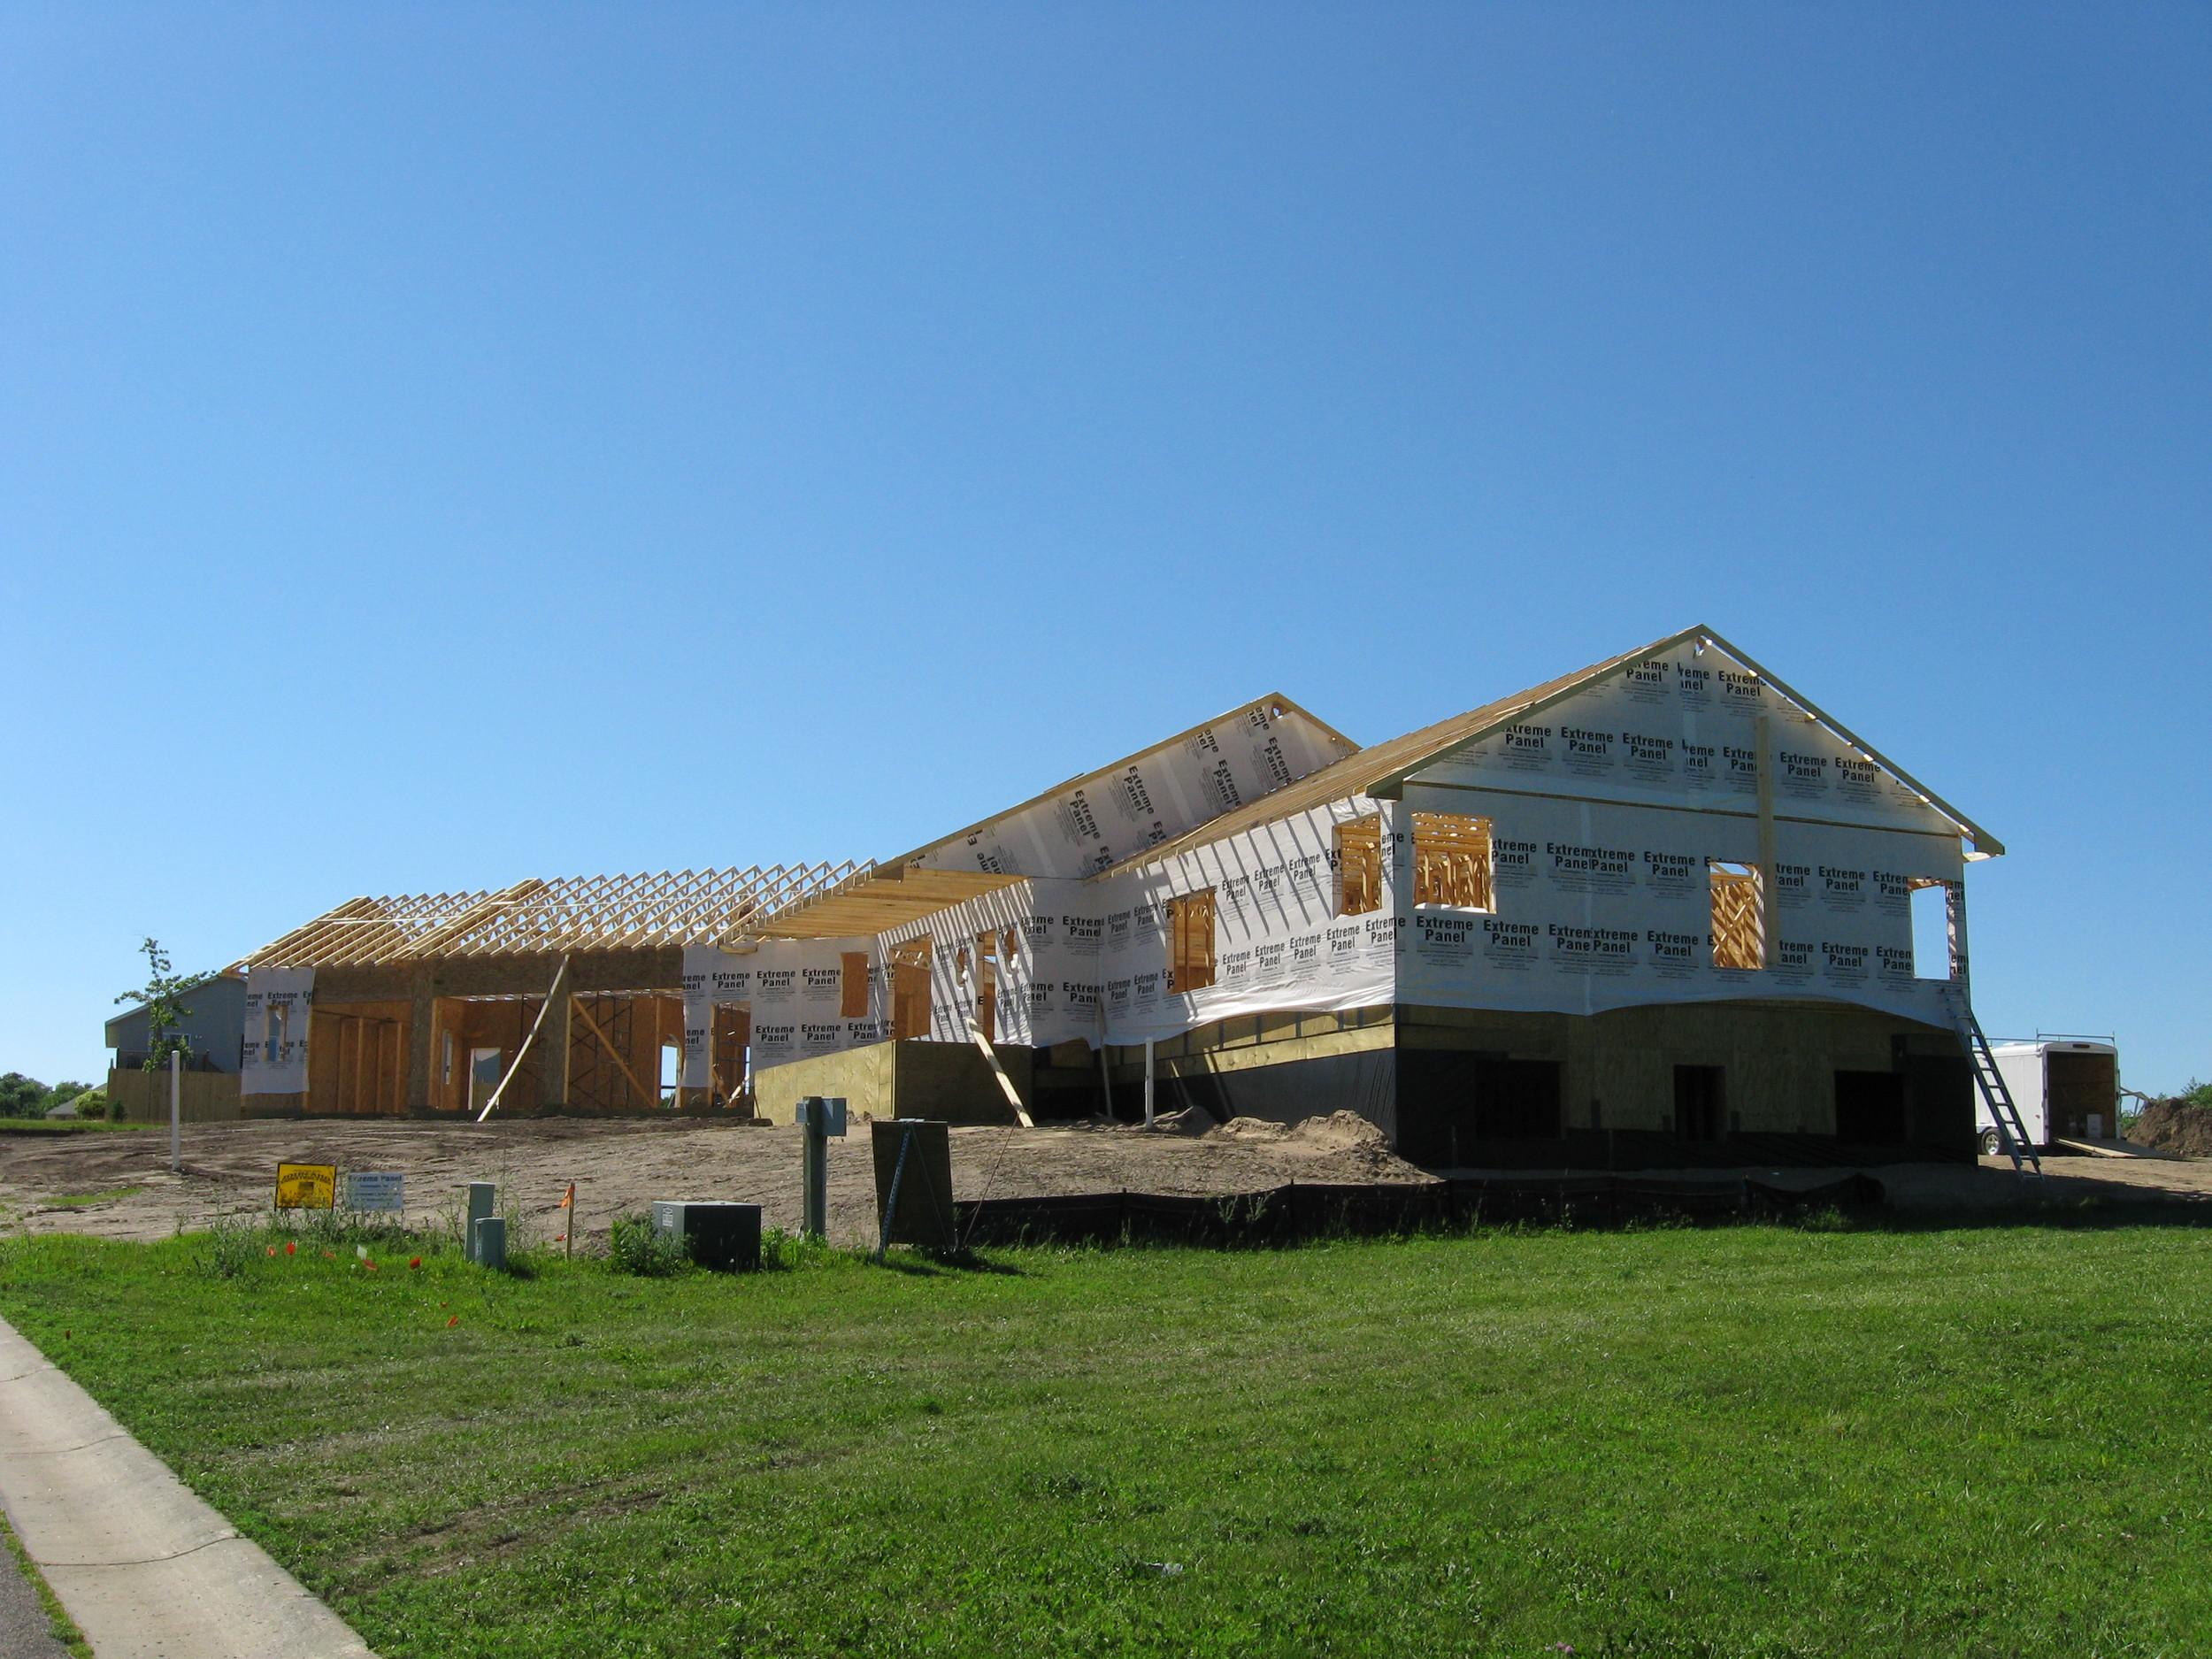 07-29-08 Roof Sheathing2.jpg